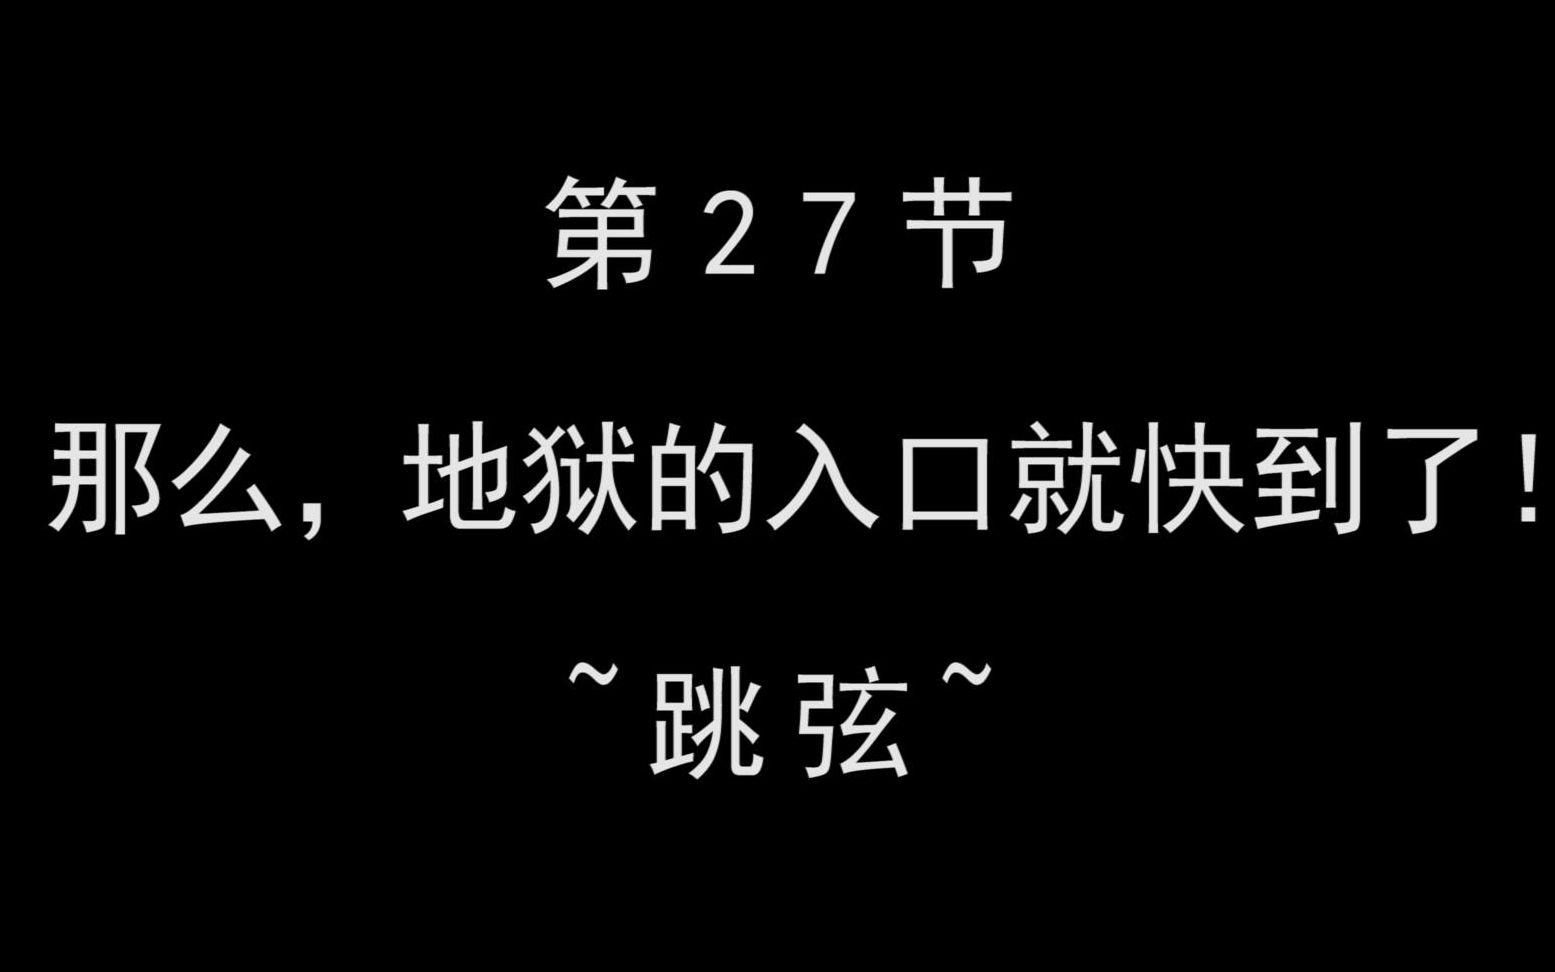 【地狱训练】《速弹入门篇》第27节—跳弦by暴徒君